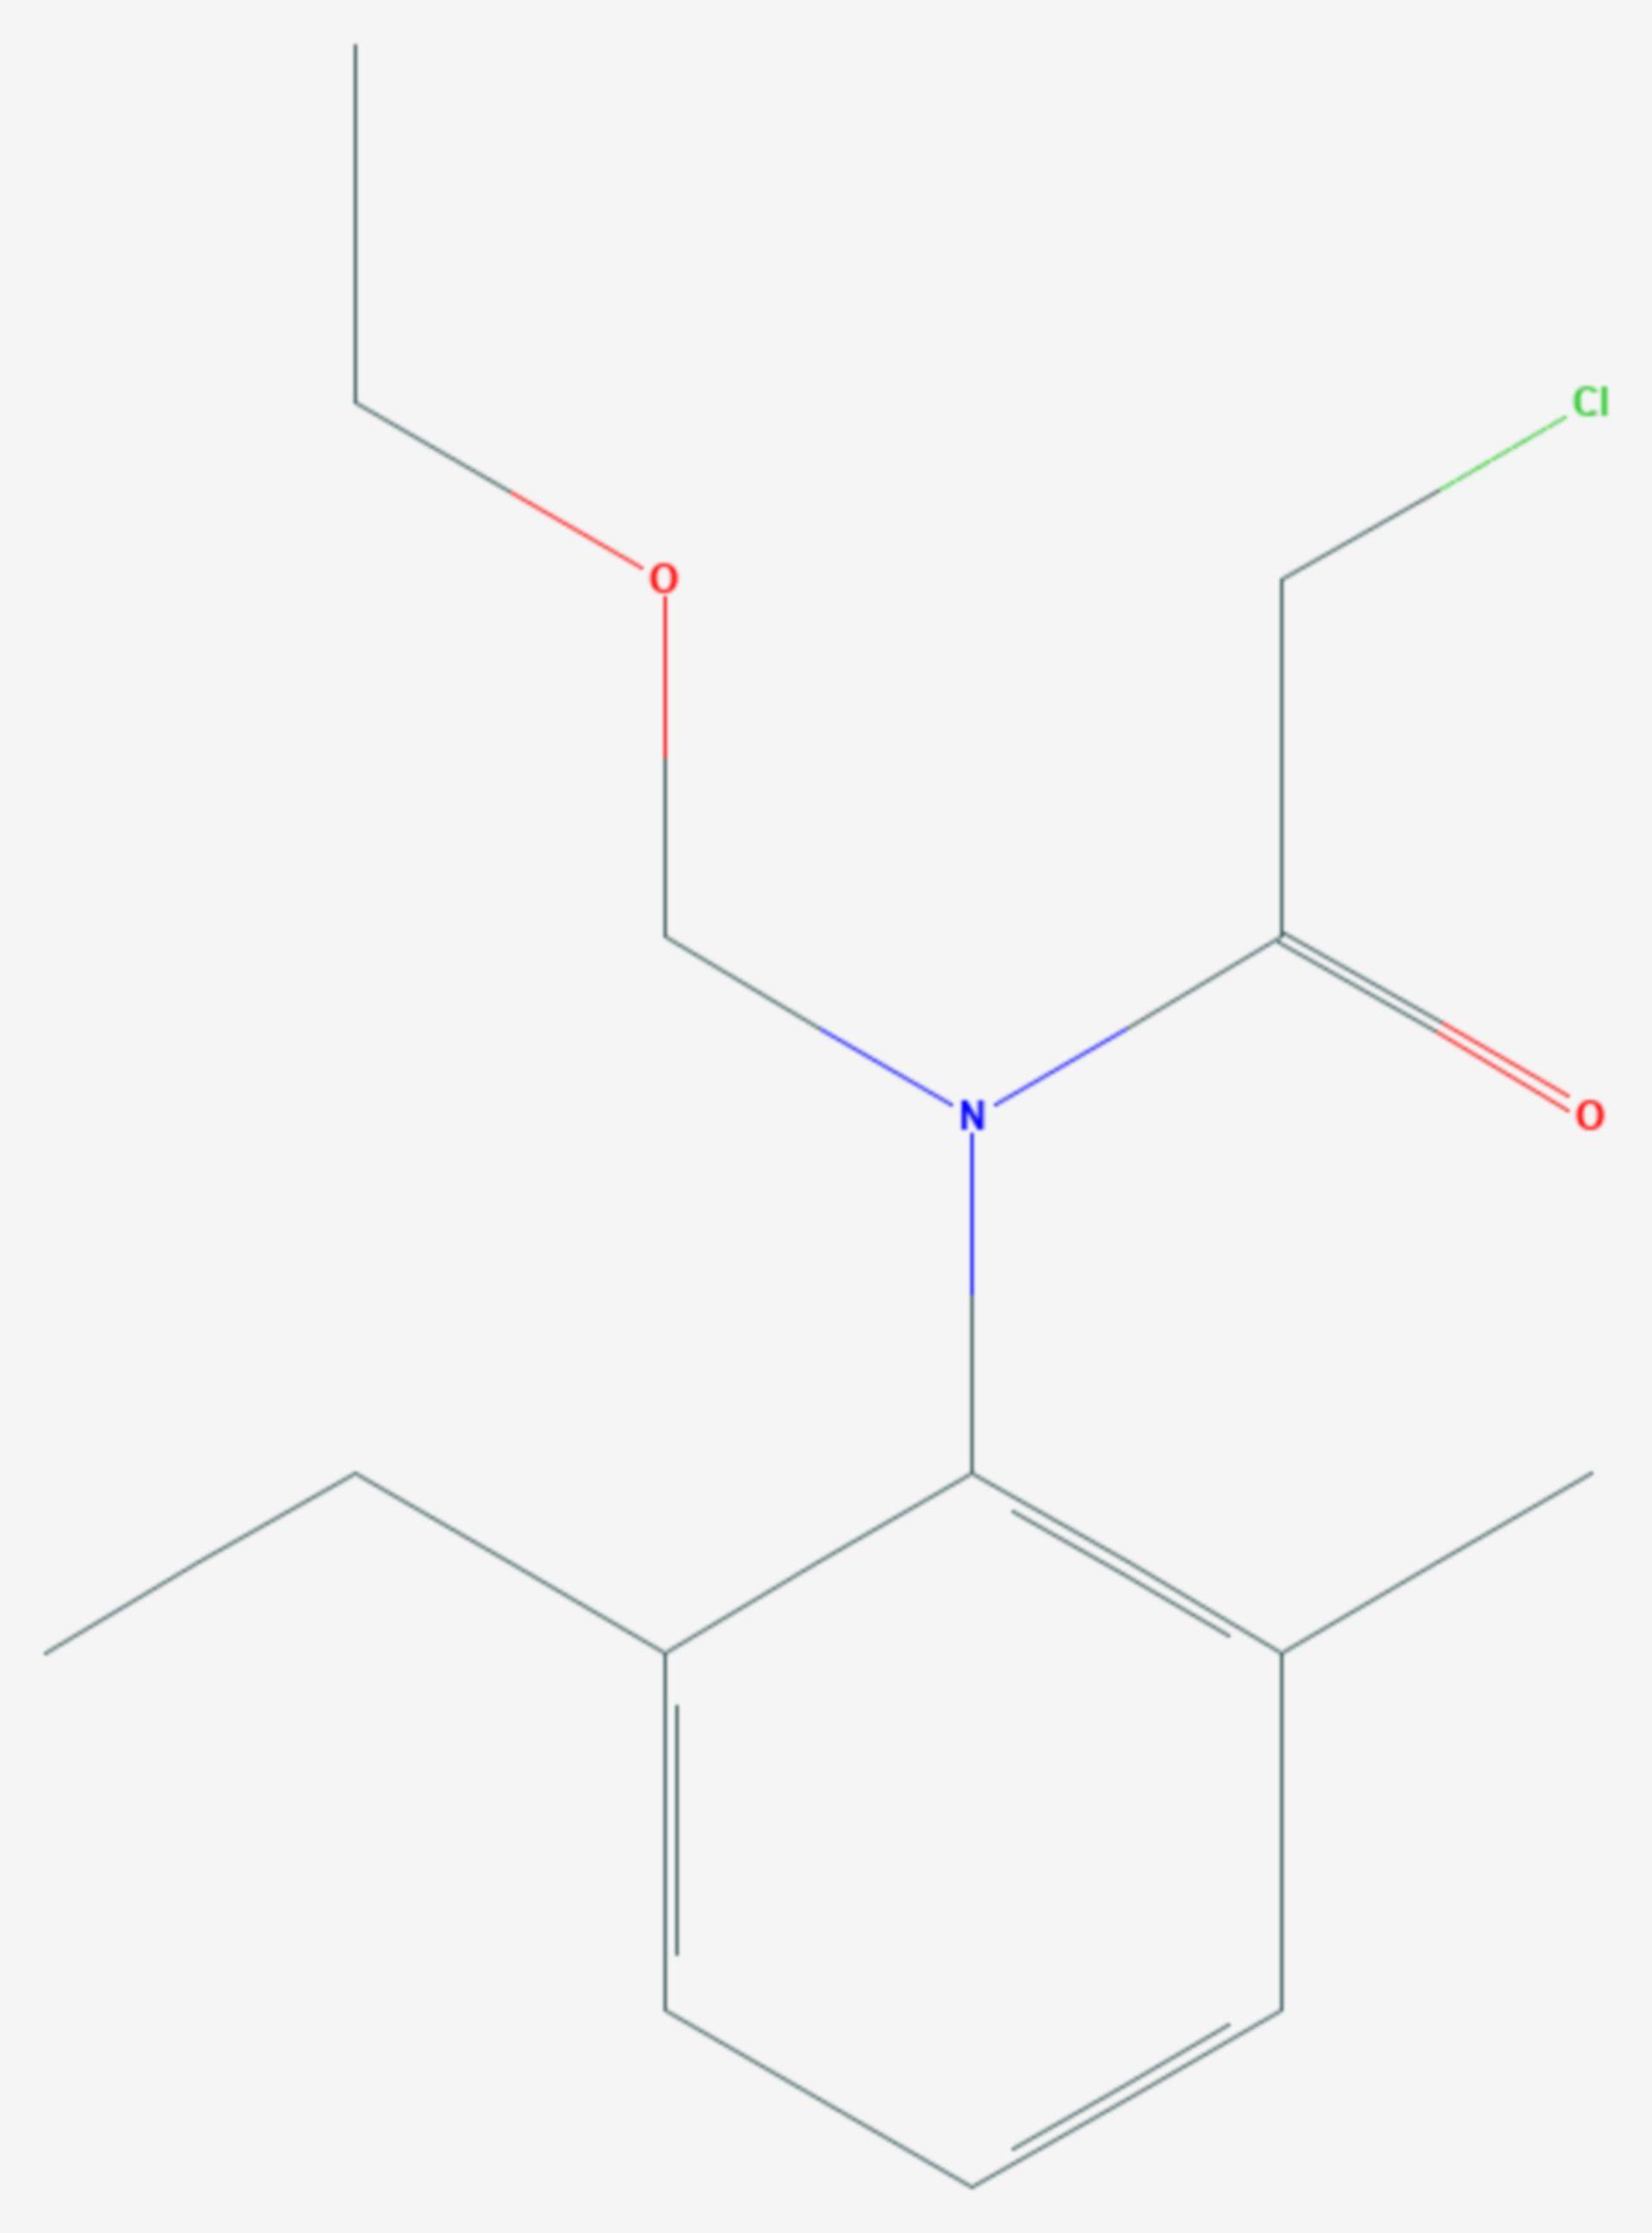 Acetochlor (Strukturformel)